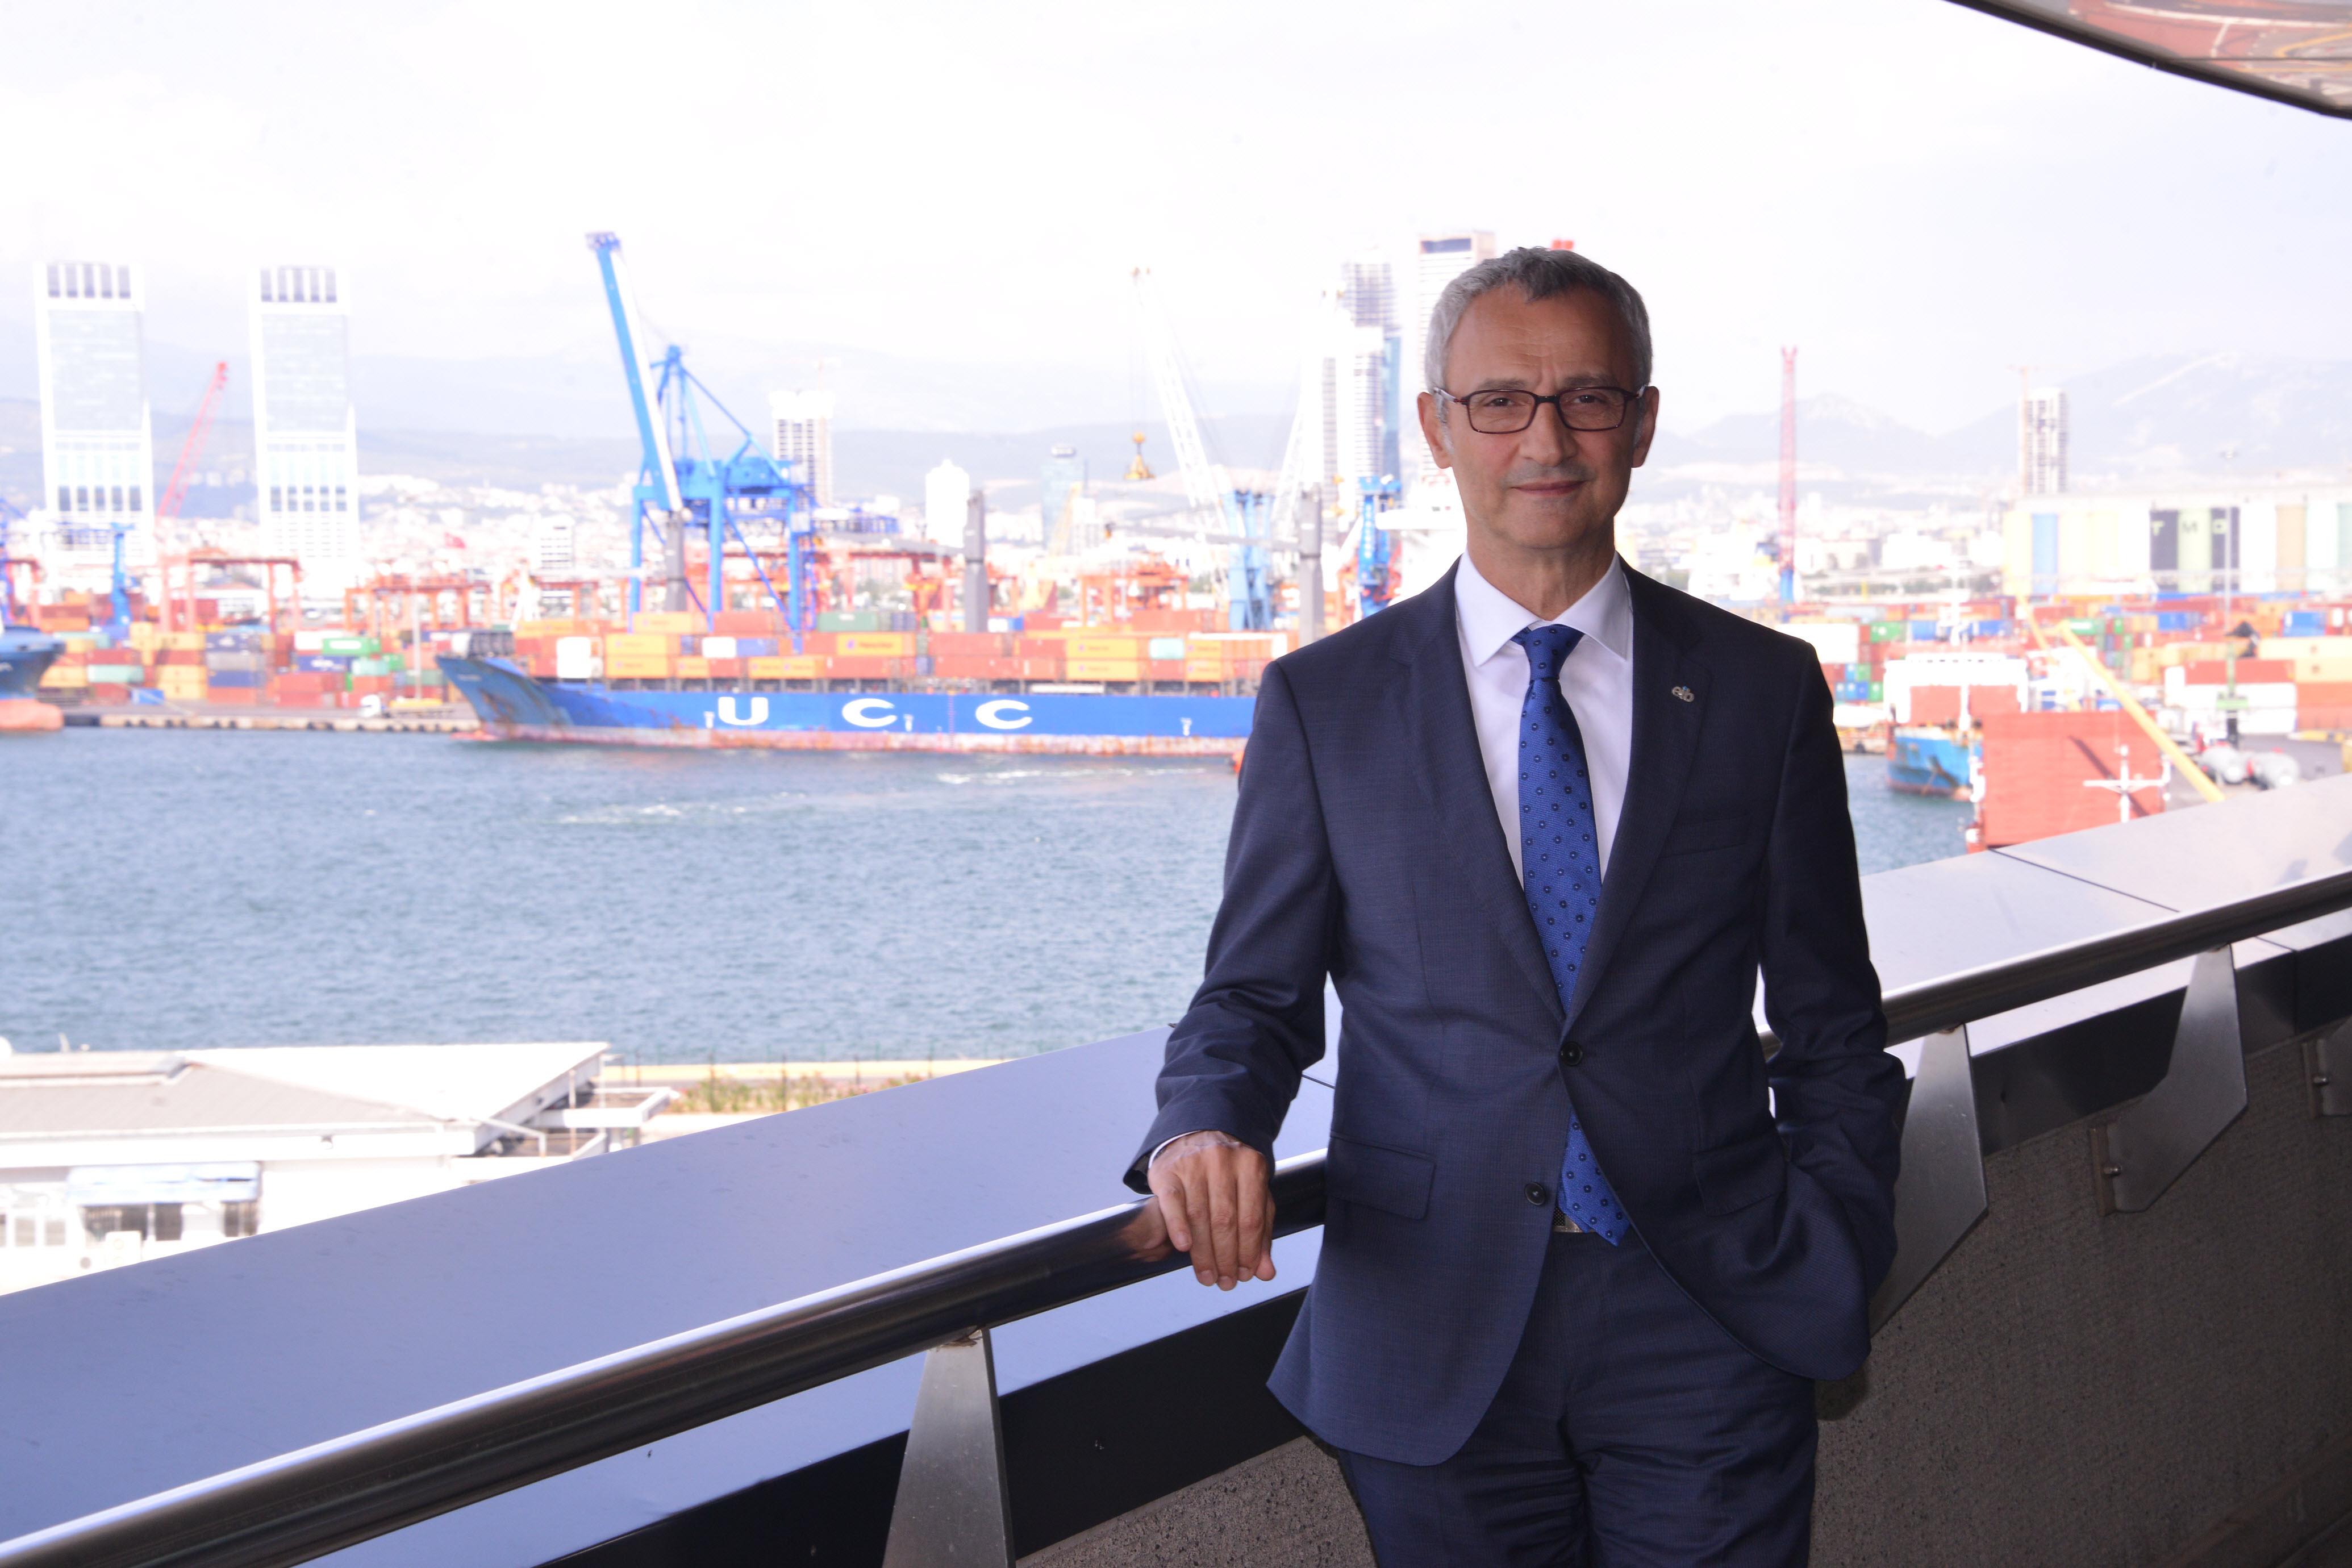 Türkiye'de ihracatın başladığı yer olan Ege Bölgesi 2017 yılının Ocak – Eylül döneminde 11 milyar 898 milyon dolarlık ithalata karşılık, 13 milyar 79 milyon dolar ihracat gerçekleştirdi.